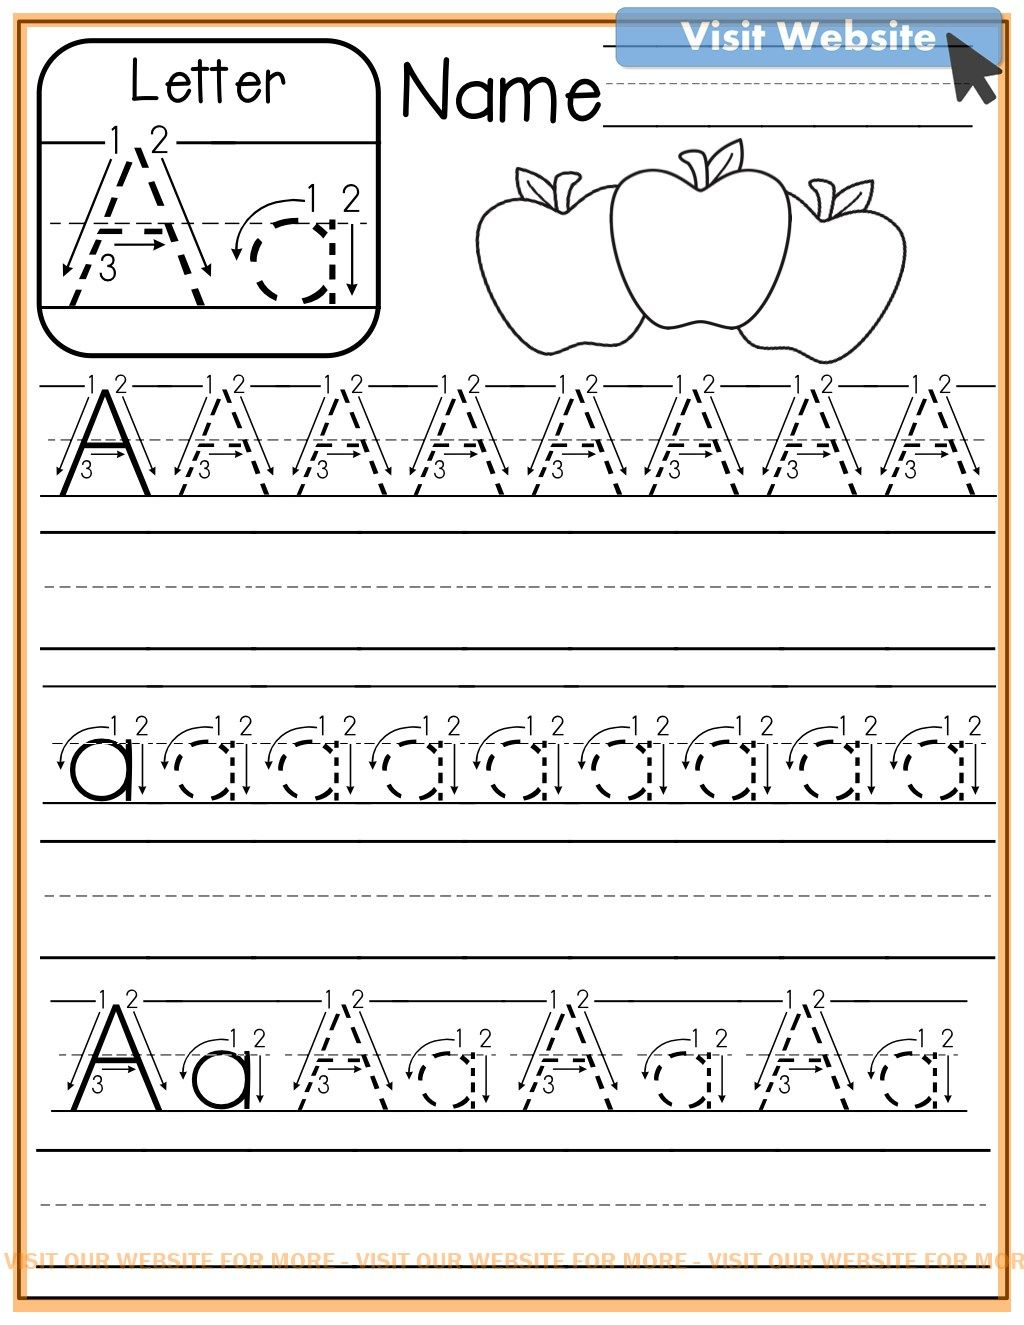 Practice Sheets For Excel In 2020 Kindergarten Writing Alphabet Preschool Preschool Learning